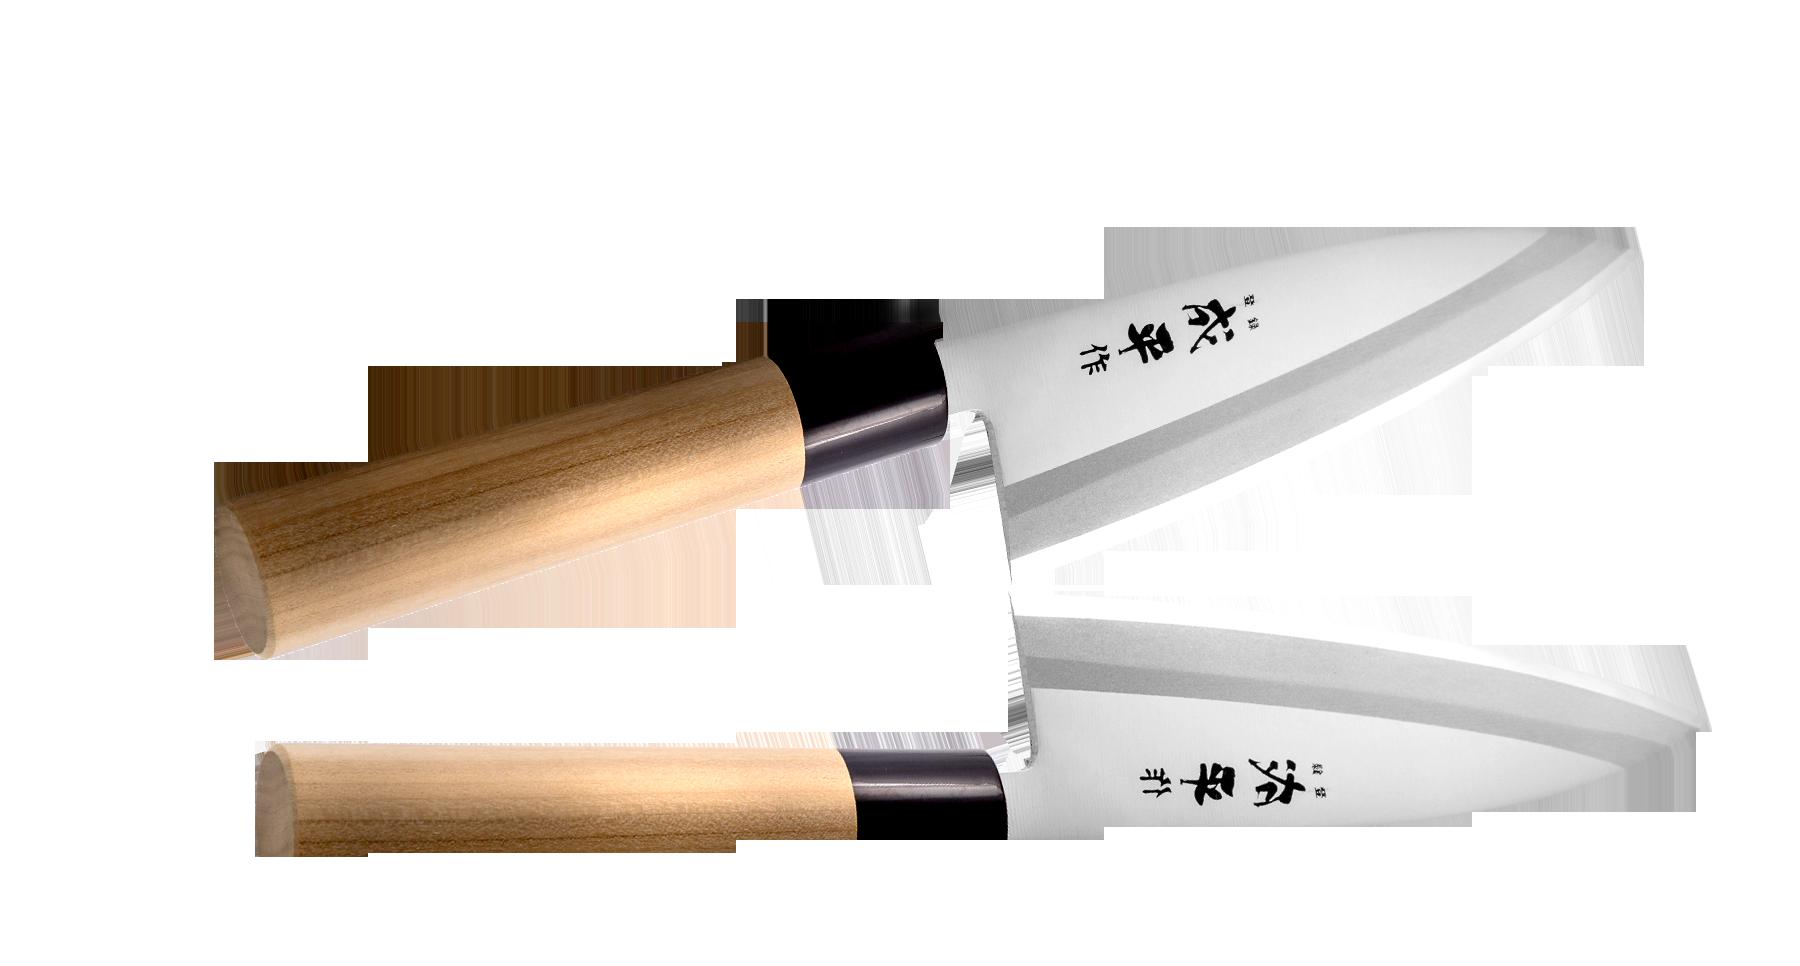 Фото - Нож Деба Narihira Tojiro, 150 мм, сталь AUS-8, рукоять дерево